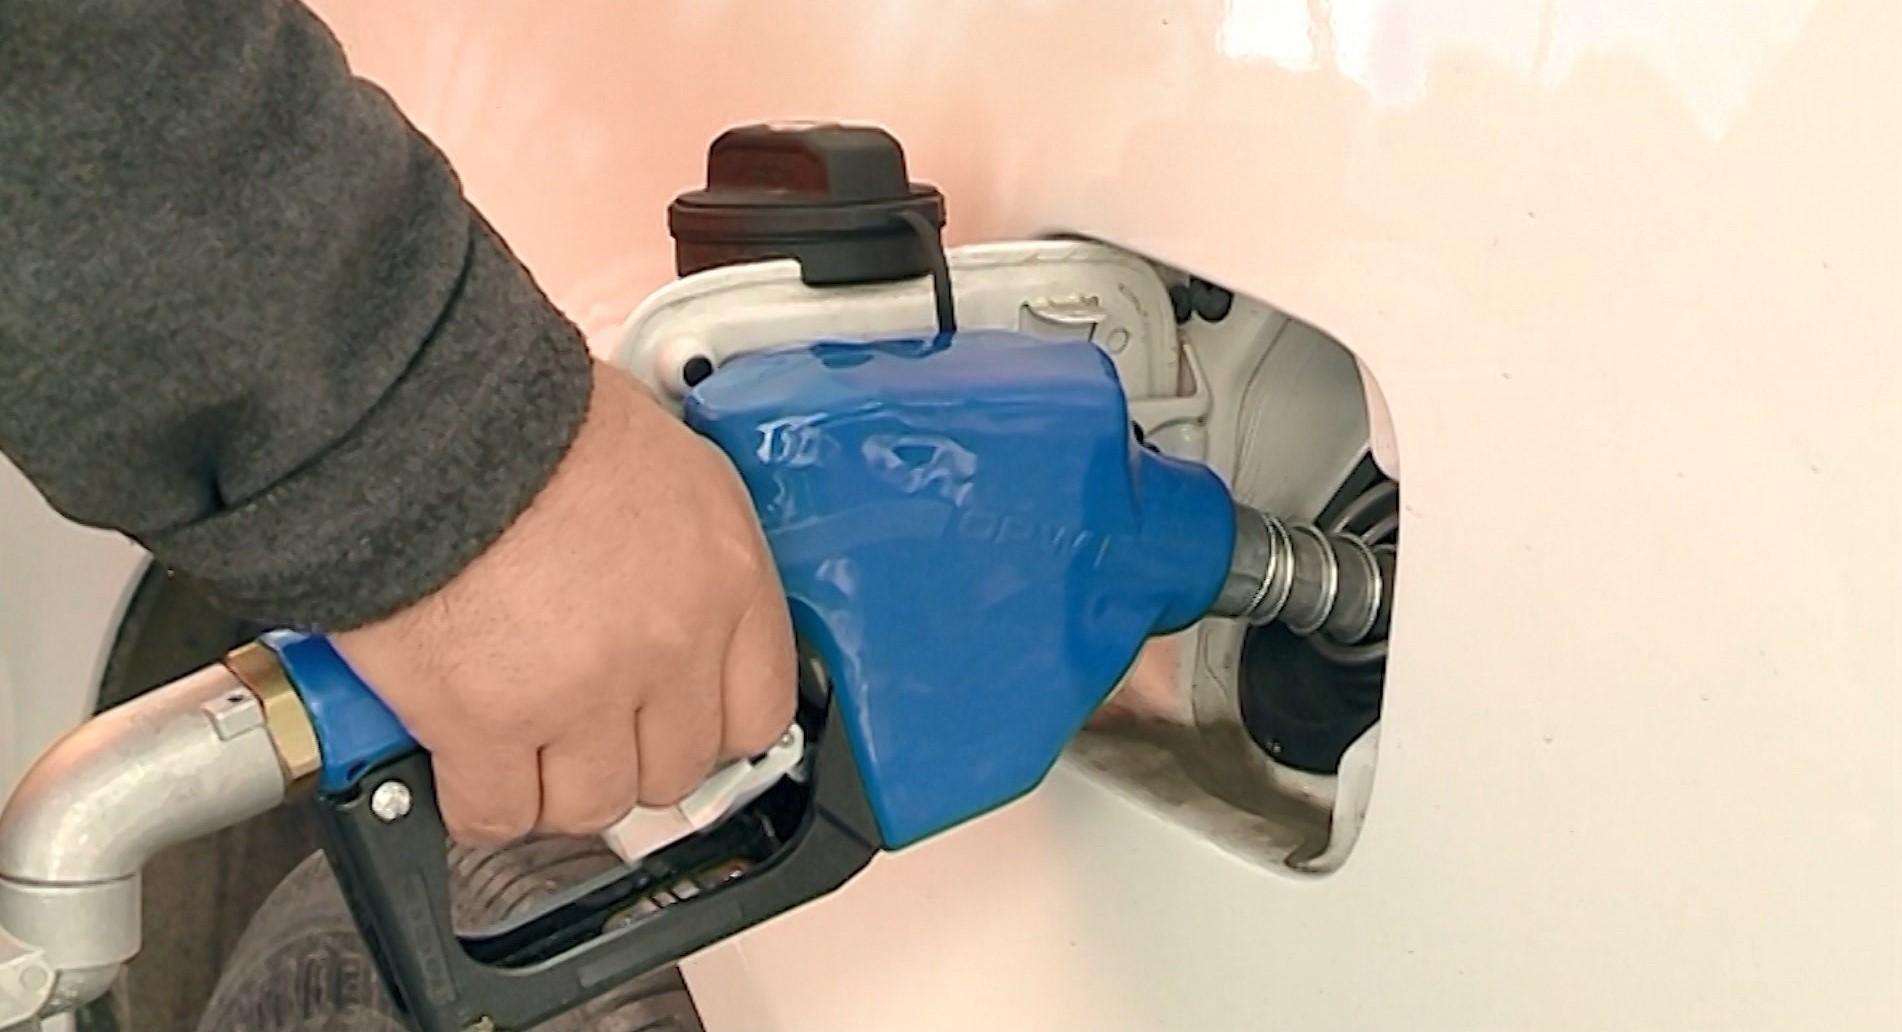 Konfindustria kërkesë zyrtare Kuvendit për çmimin e karburanteve